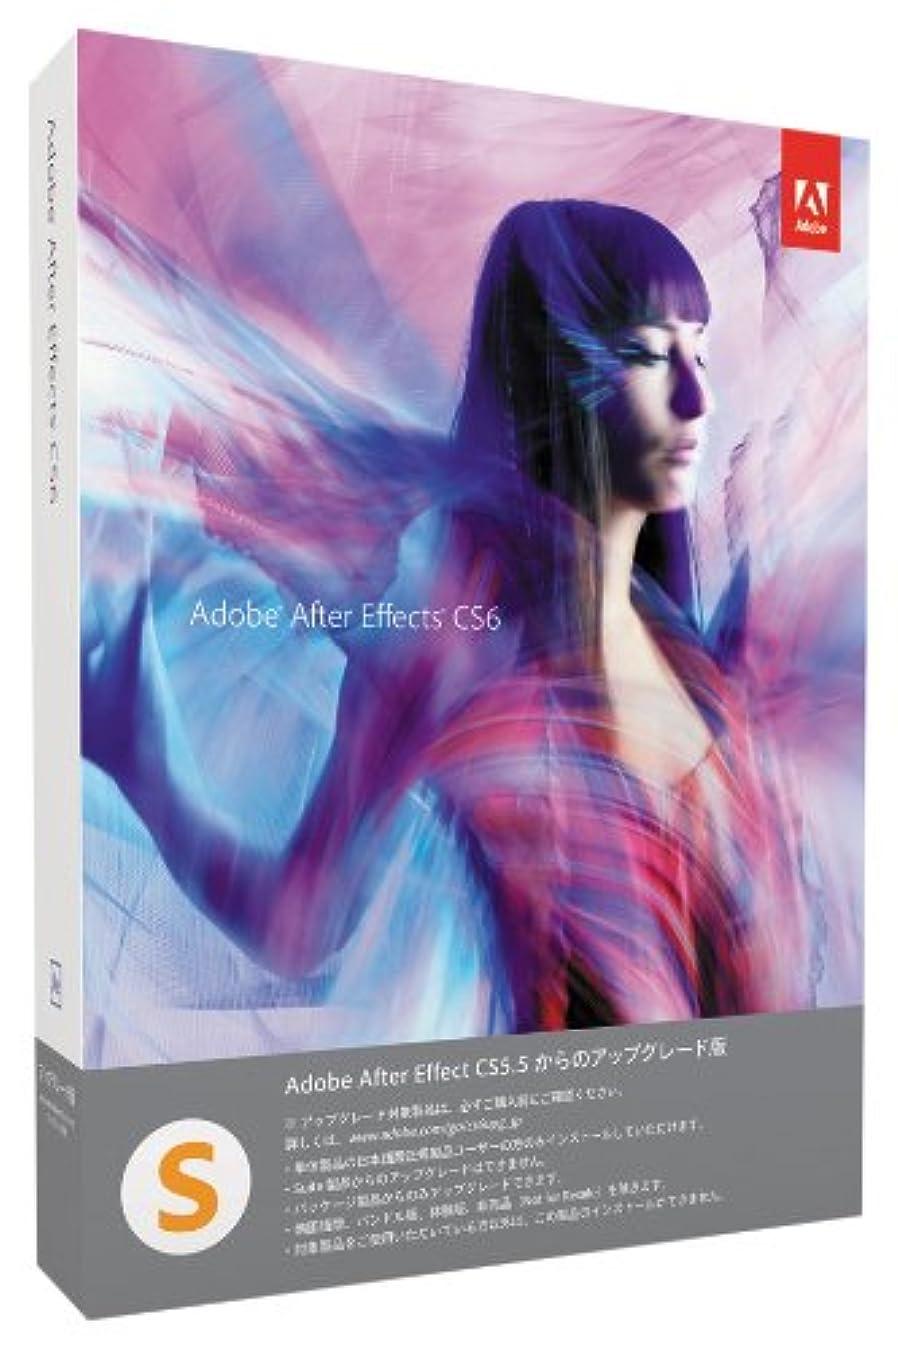 浸食二次配るAdobe After Effects CS6 Windows版 アップグレード版「S」(CS5.5からのアップグレード) (旧製品)